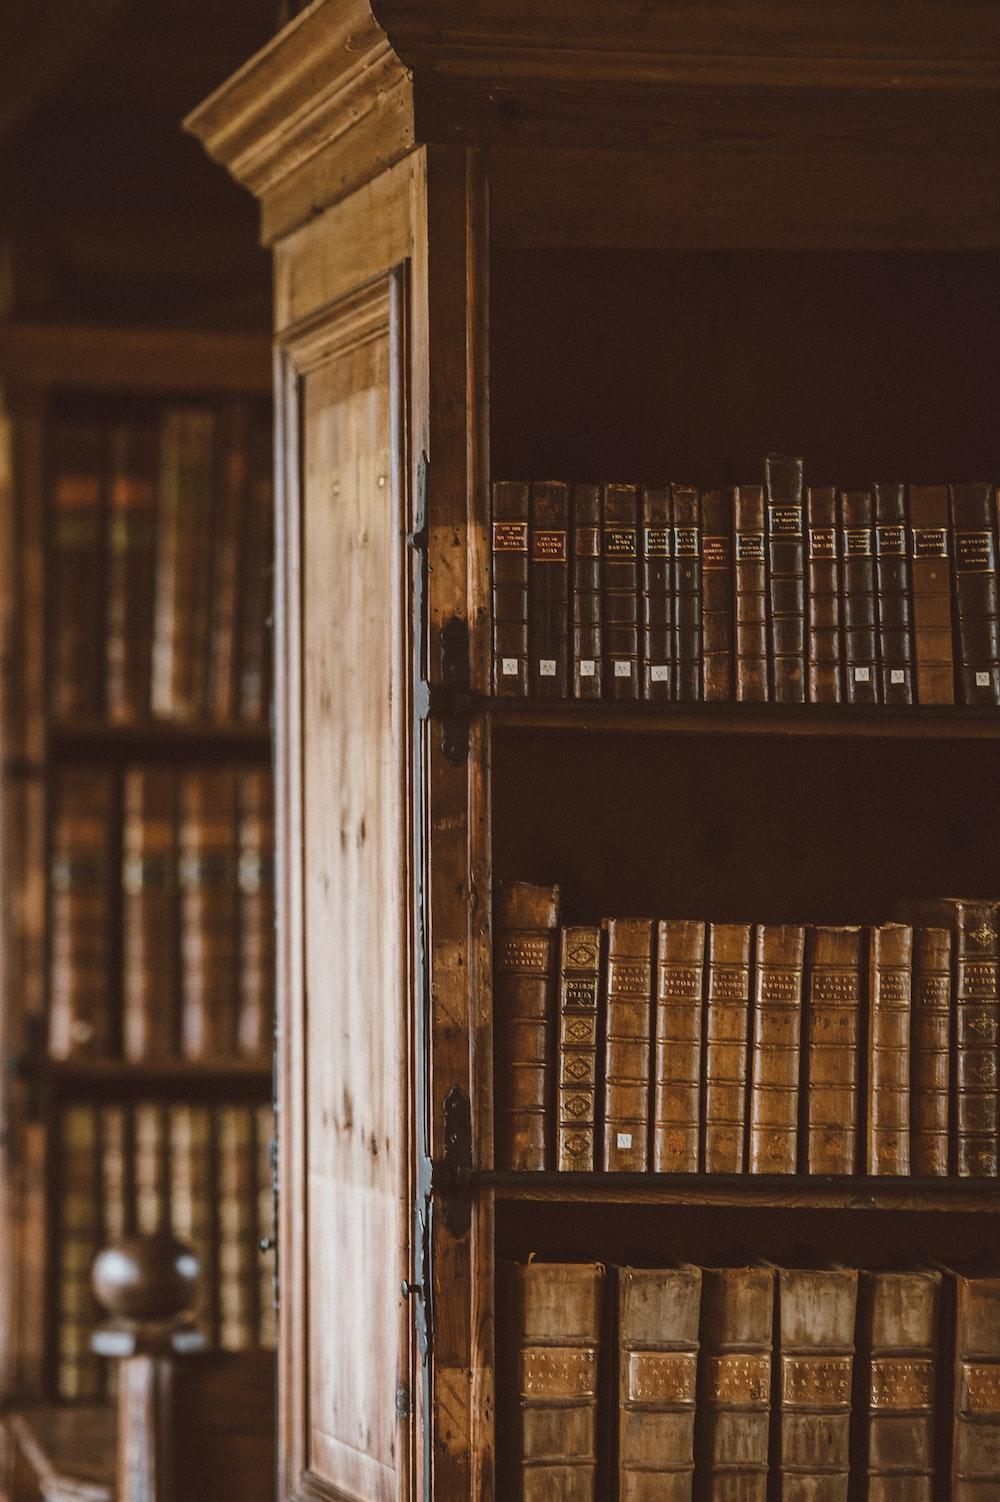 books in bookshelves